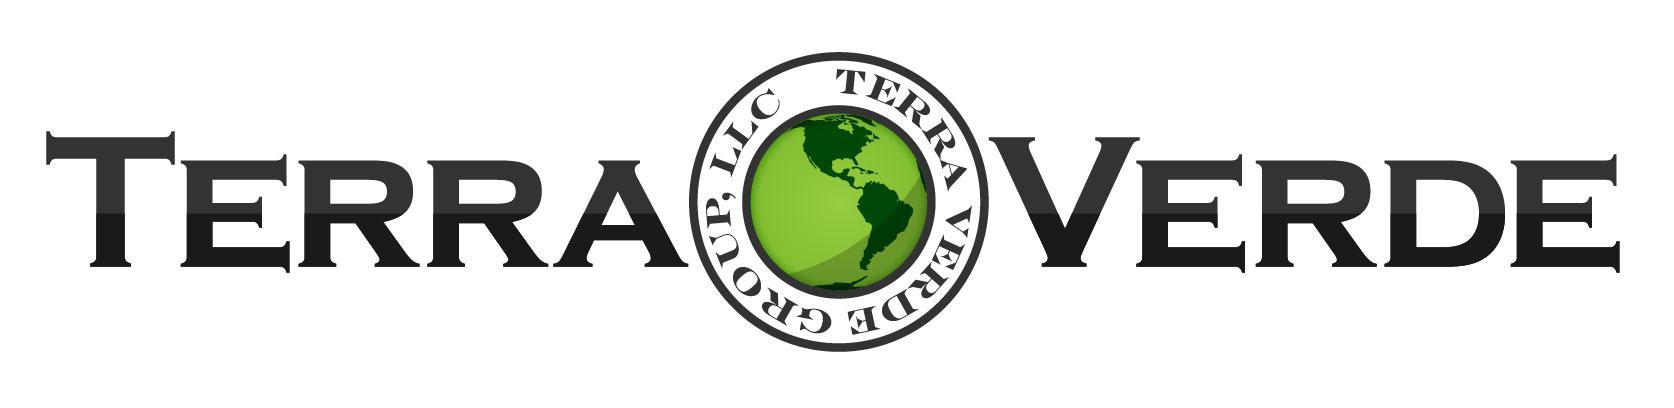 18_PP_TerraVerdeGroup-Logo_JPEG.jpg